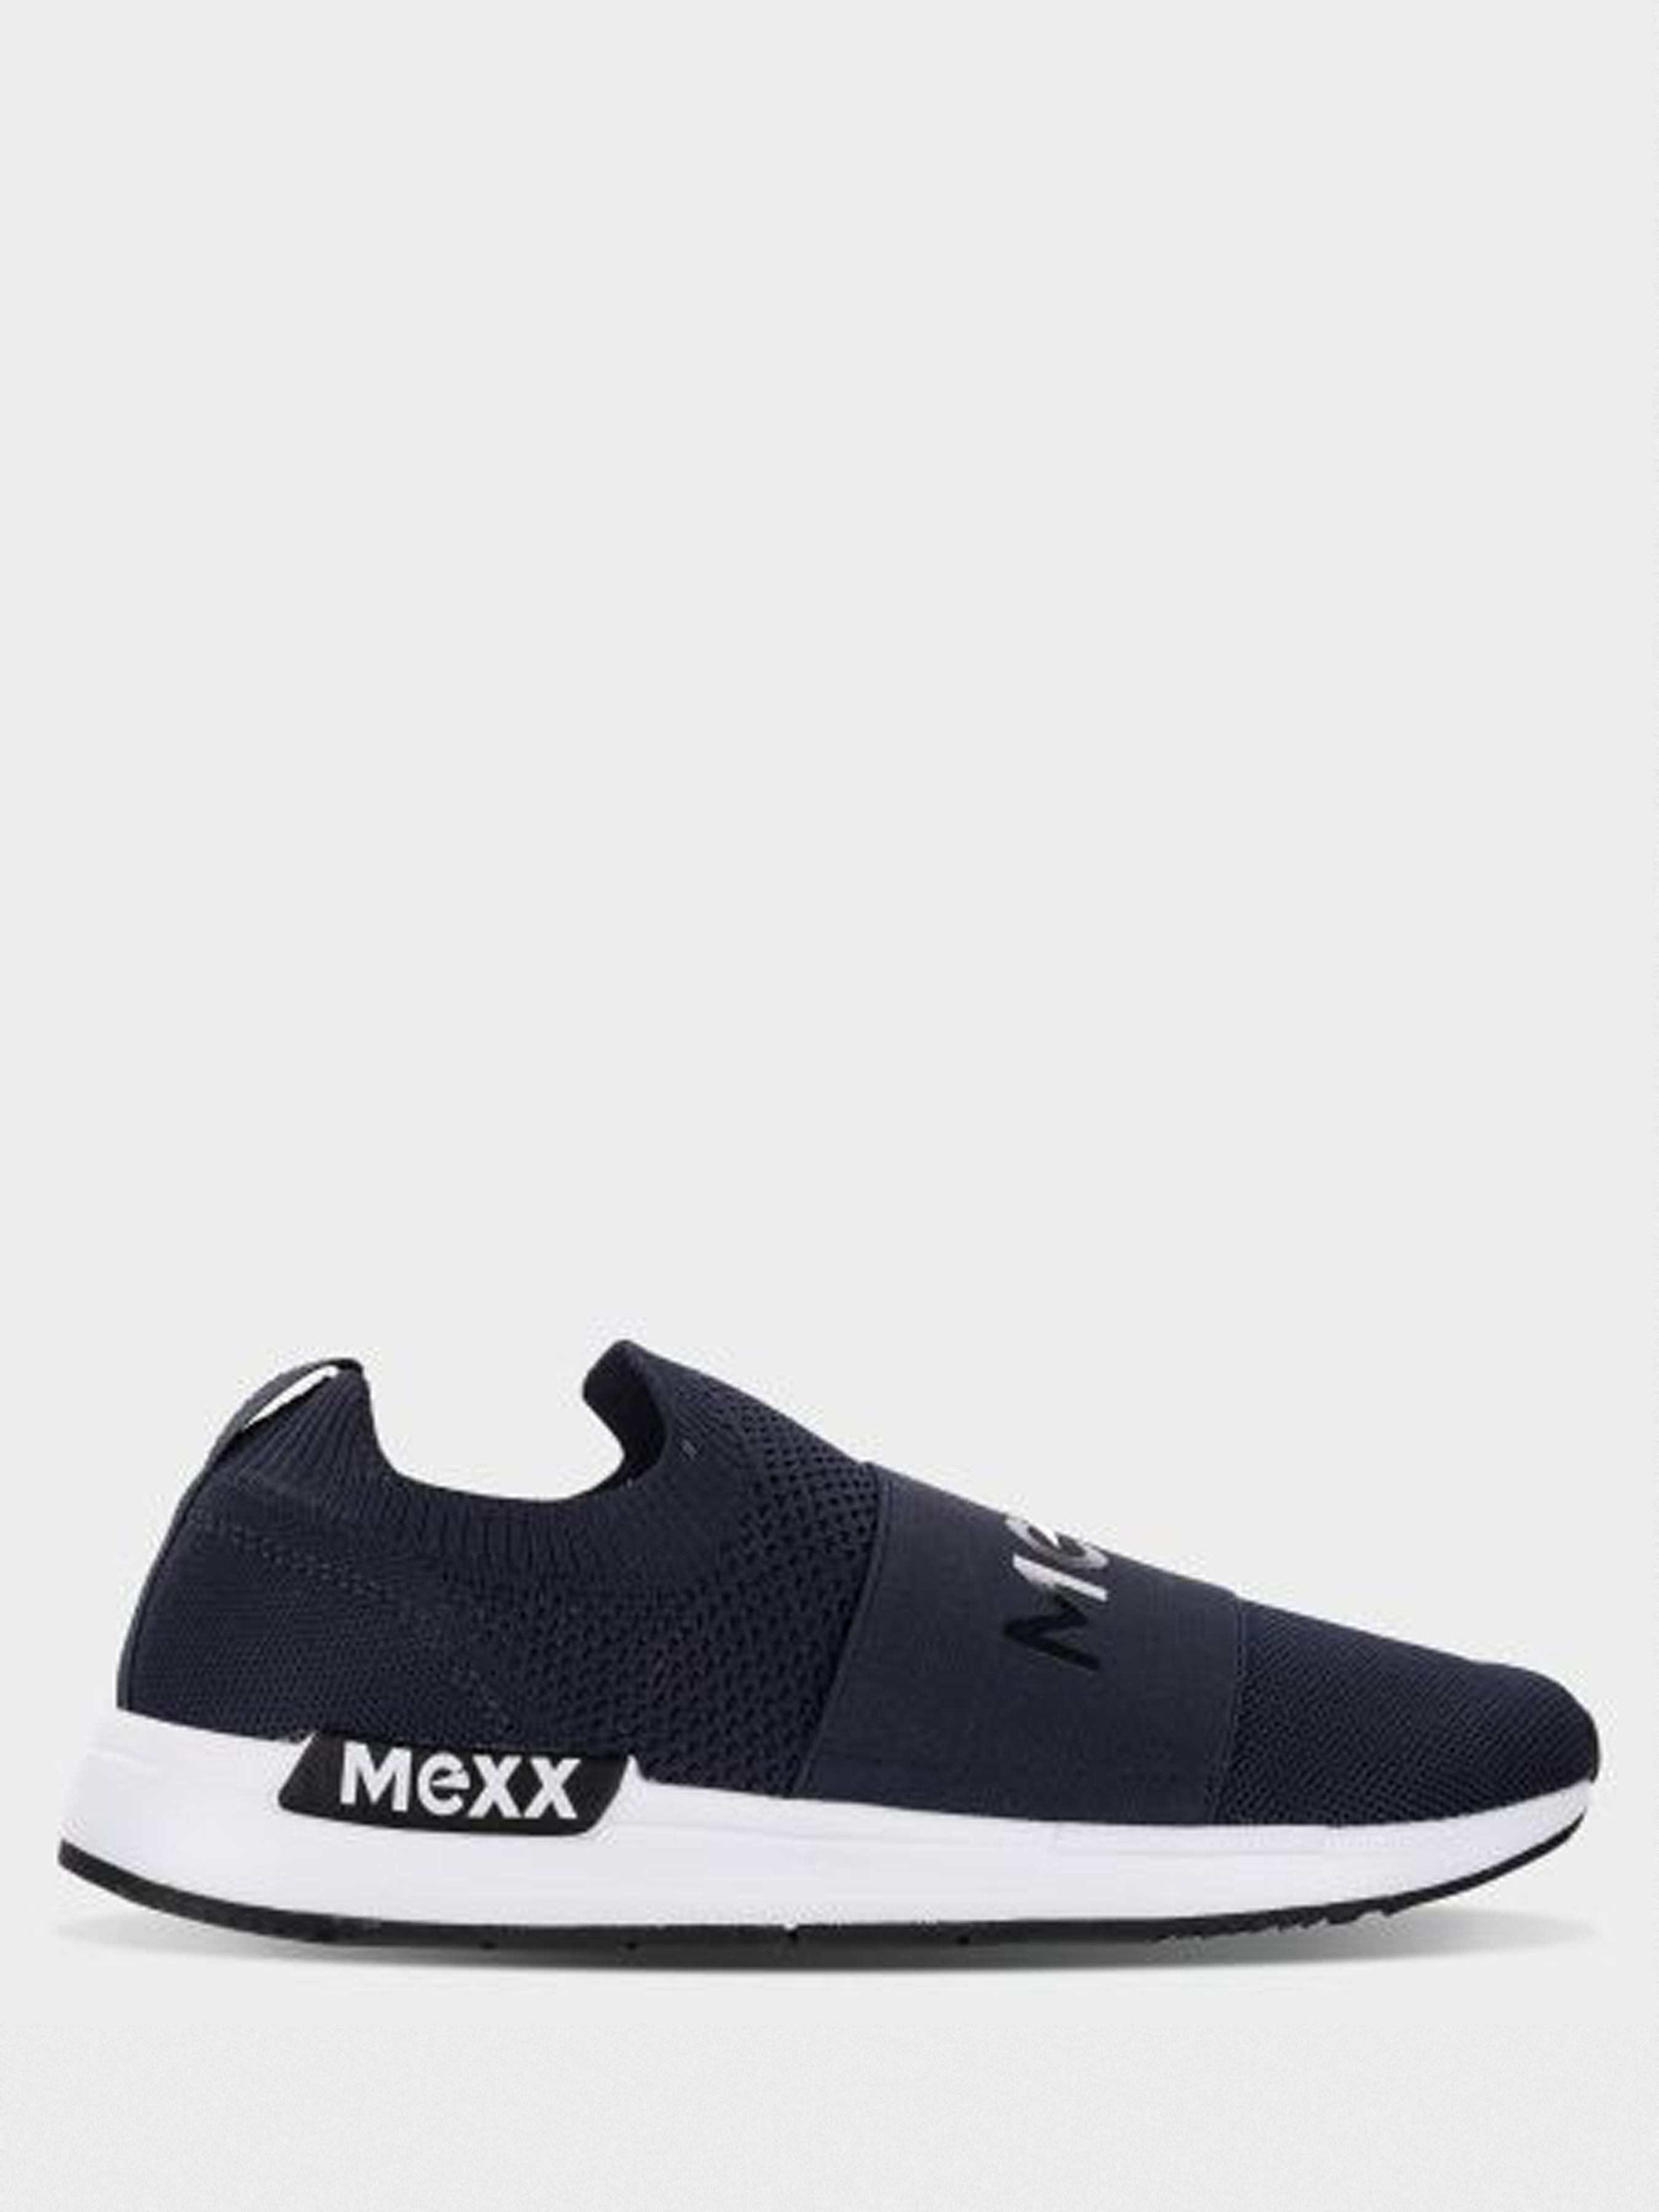 Кроссовки для мужчин MEXX Chento 7M21 стоимость, 2017